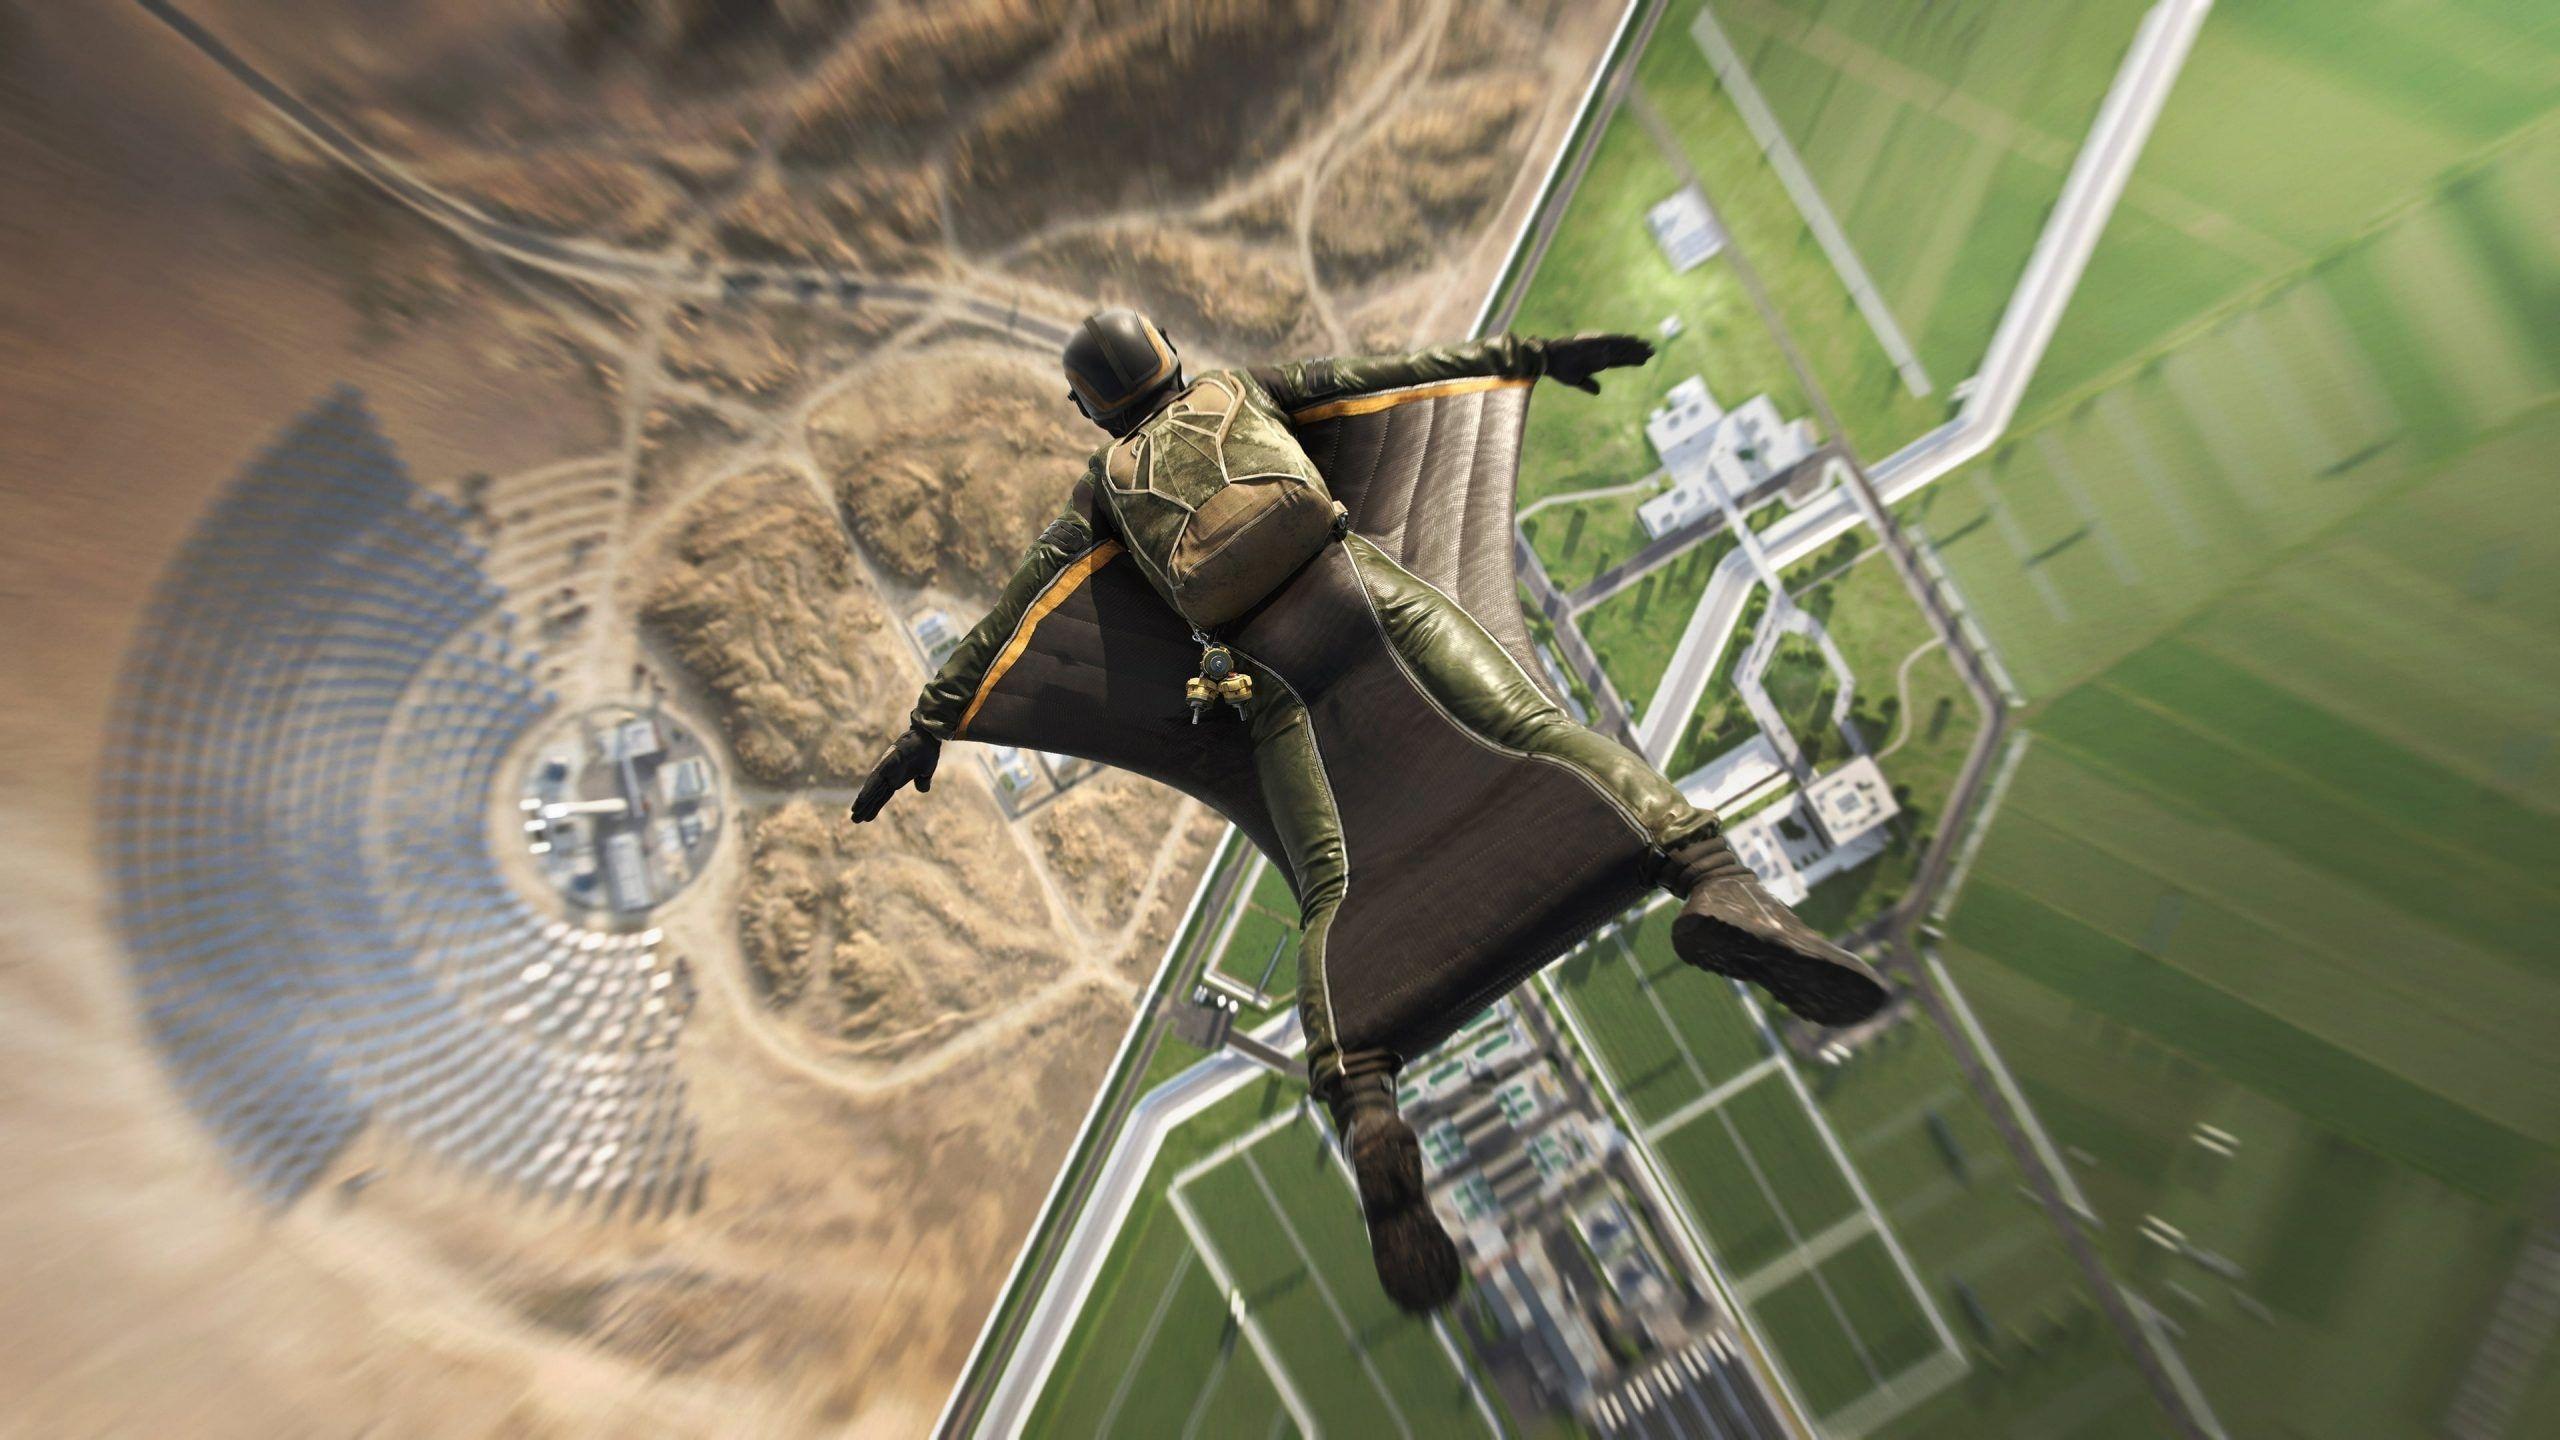 Battlefield 2042 computer background